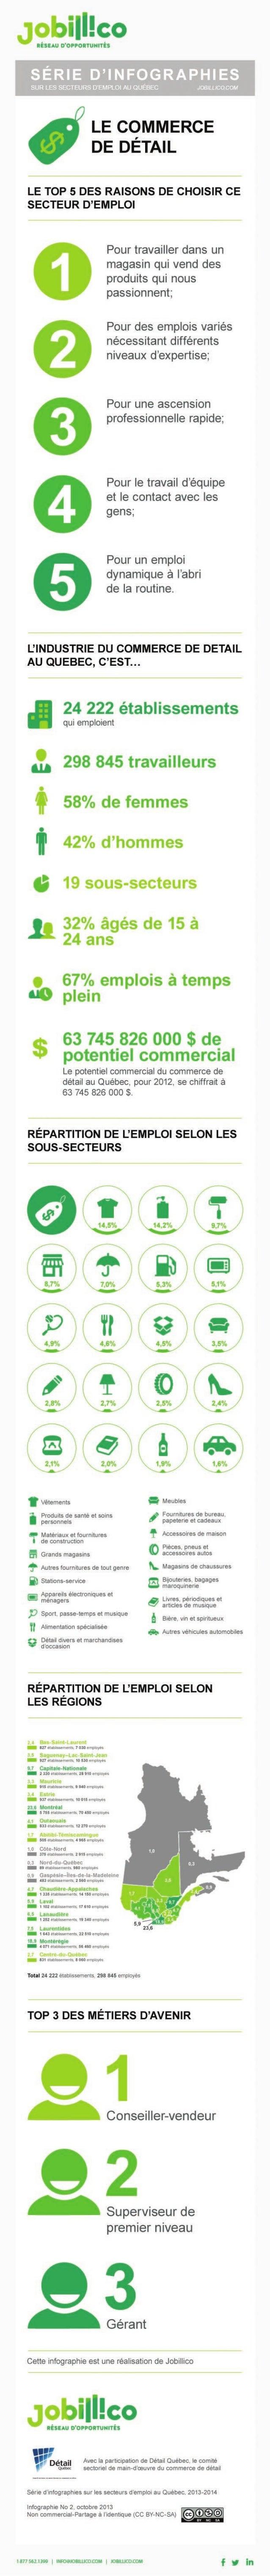 Emploi commerce de detail au Québec, les chiffres en 1 infographie